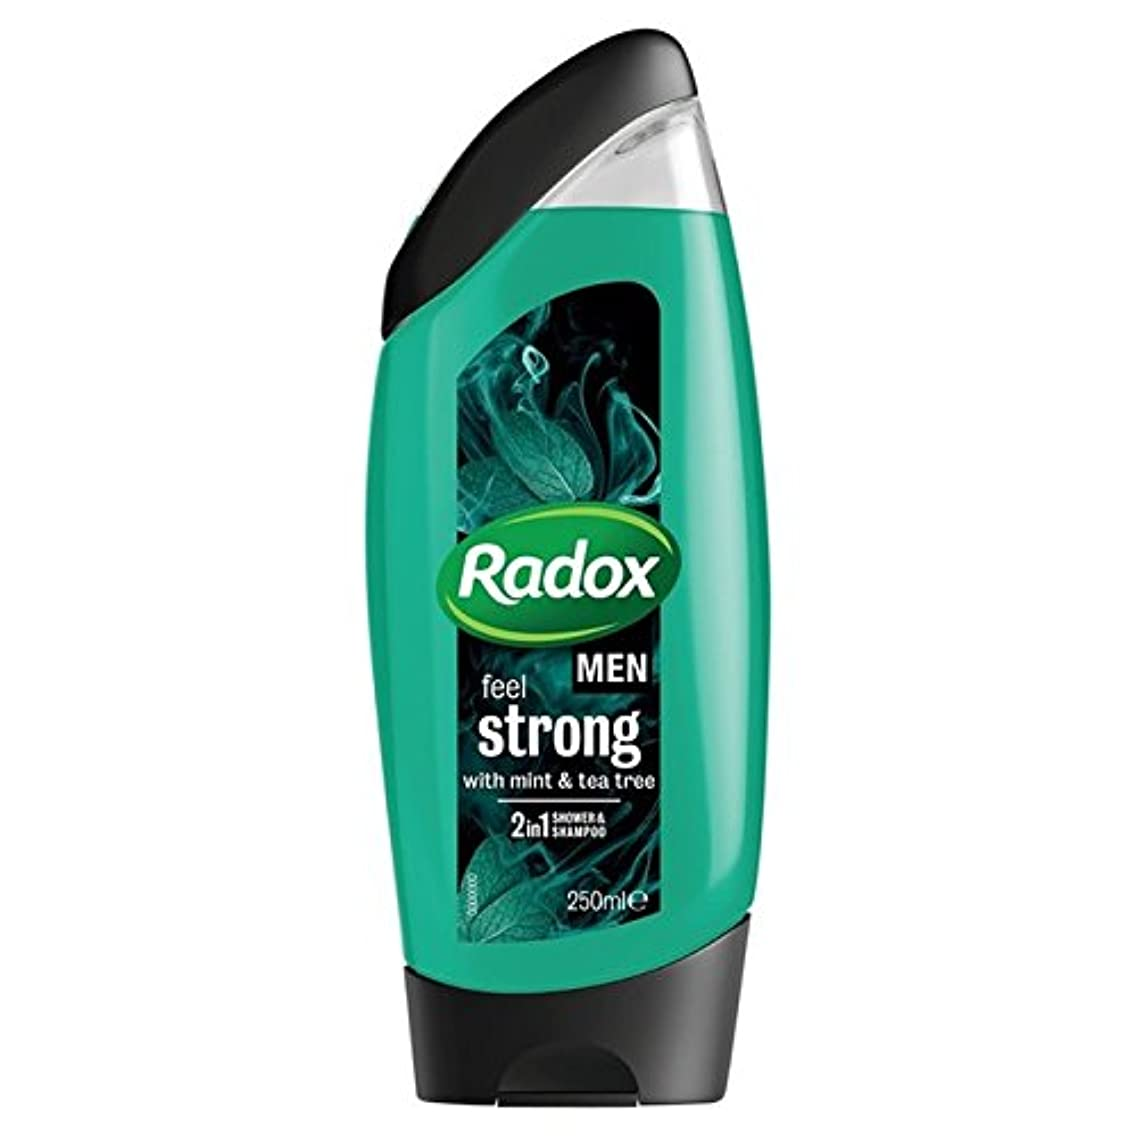 ゴージャスラリーベルモントおんどりRadox Men Feel Strong Mint & Tea Tree 2in1 Shower Gel 250ml - 男性は、強力なミント&ティーツリーの21のシャワージェル250ミリリットルを感じます [並行輸入品]